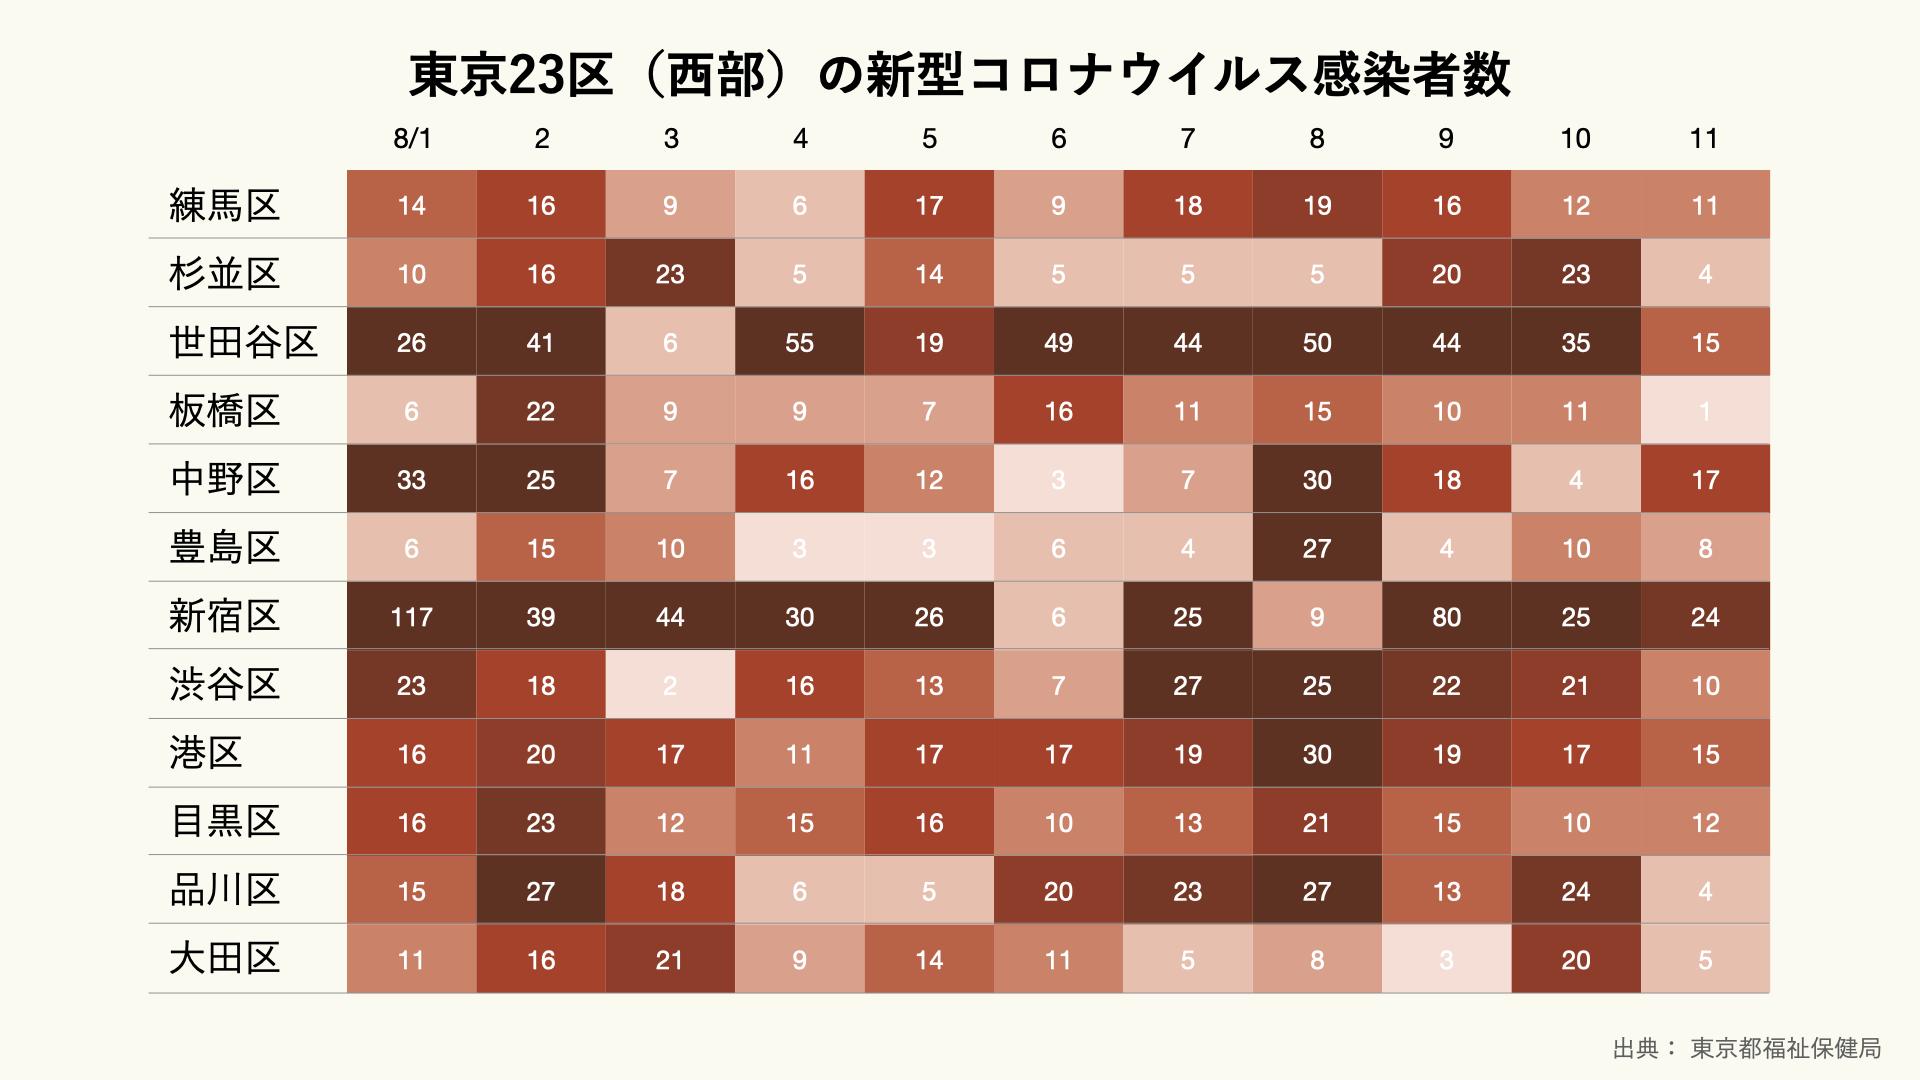 東京23区(西部)の新型コロナウイルス感染者数(日別)